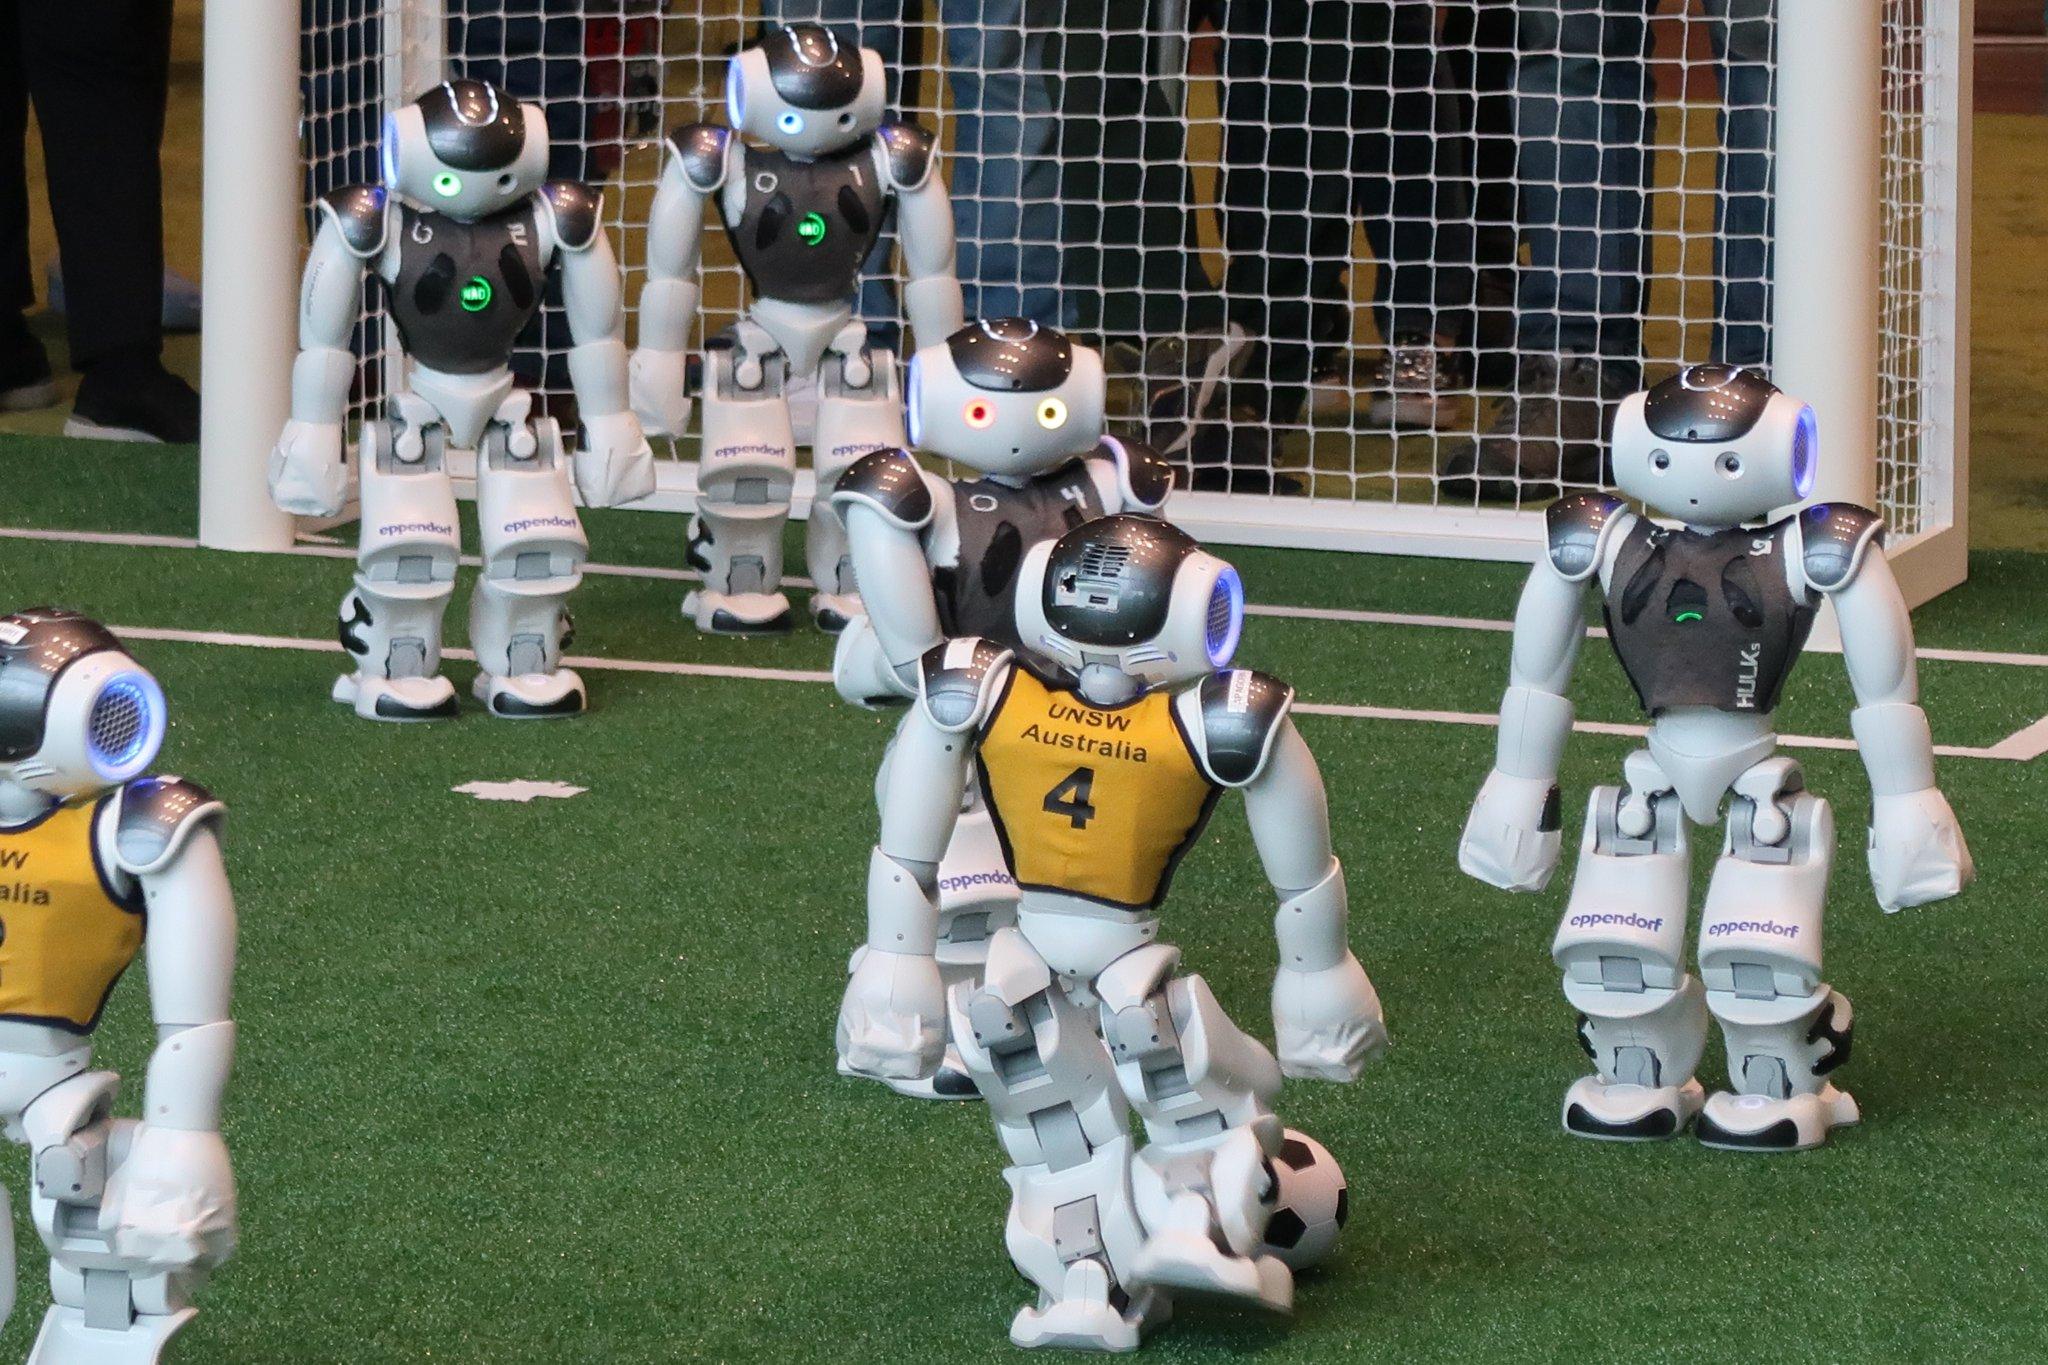 RoboCup UNSW Hulks